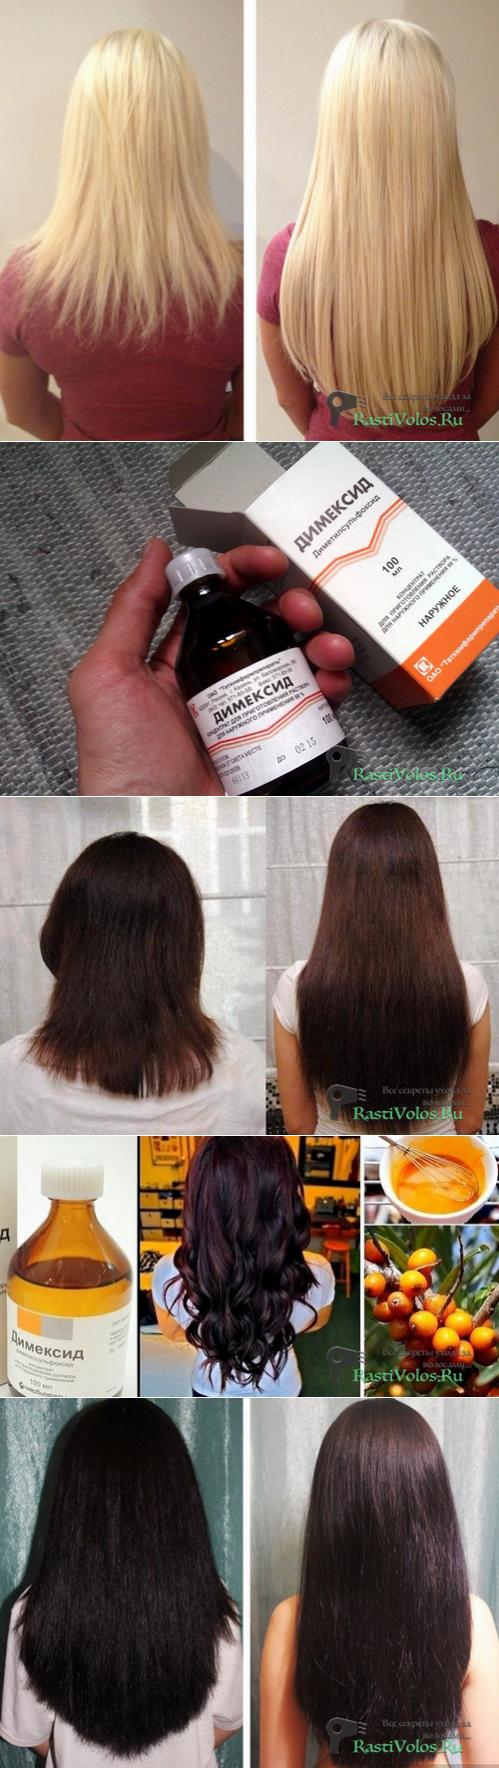 Димексид для волос – рецепты масок